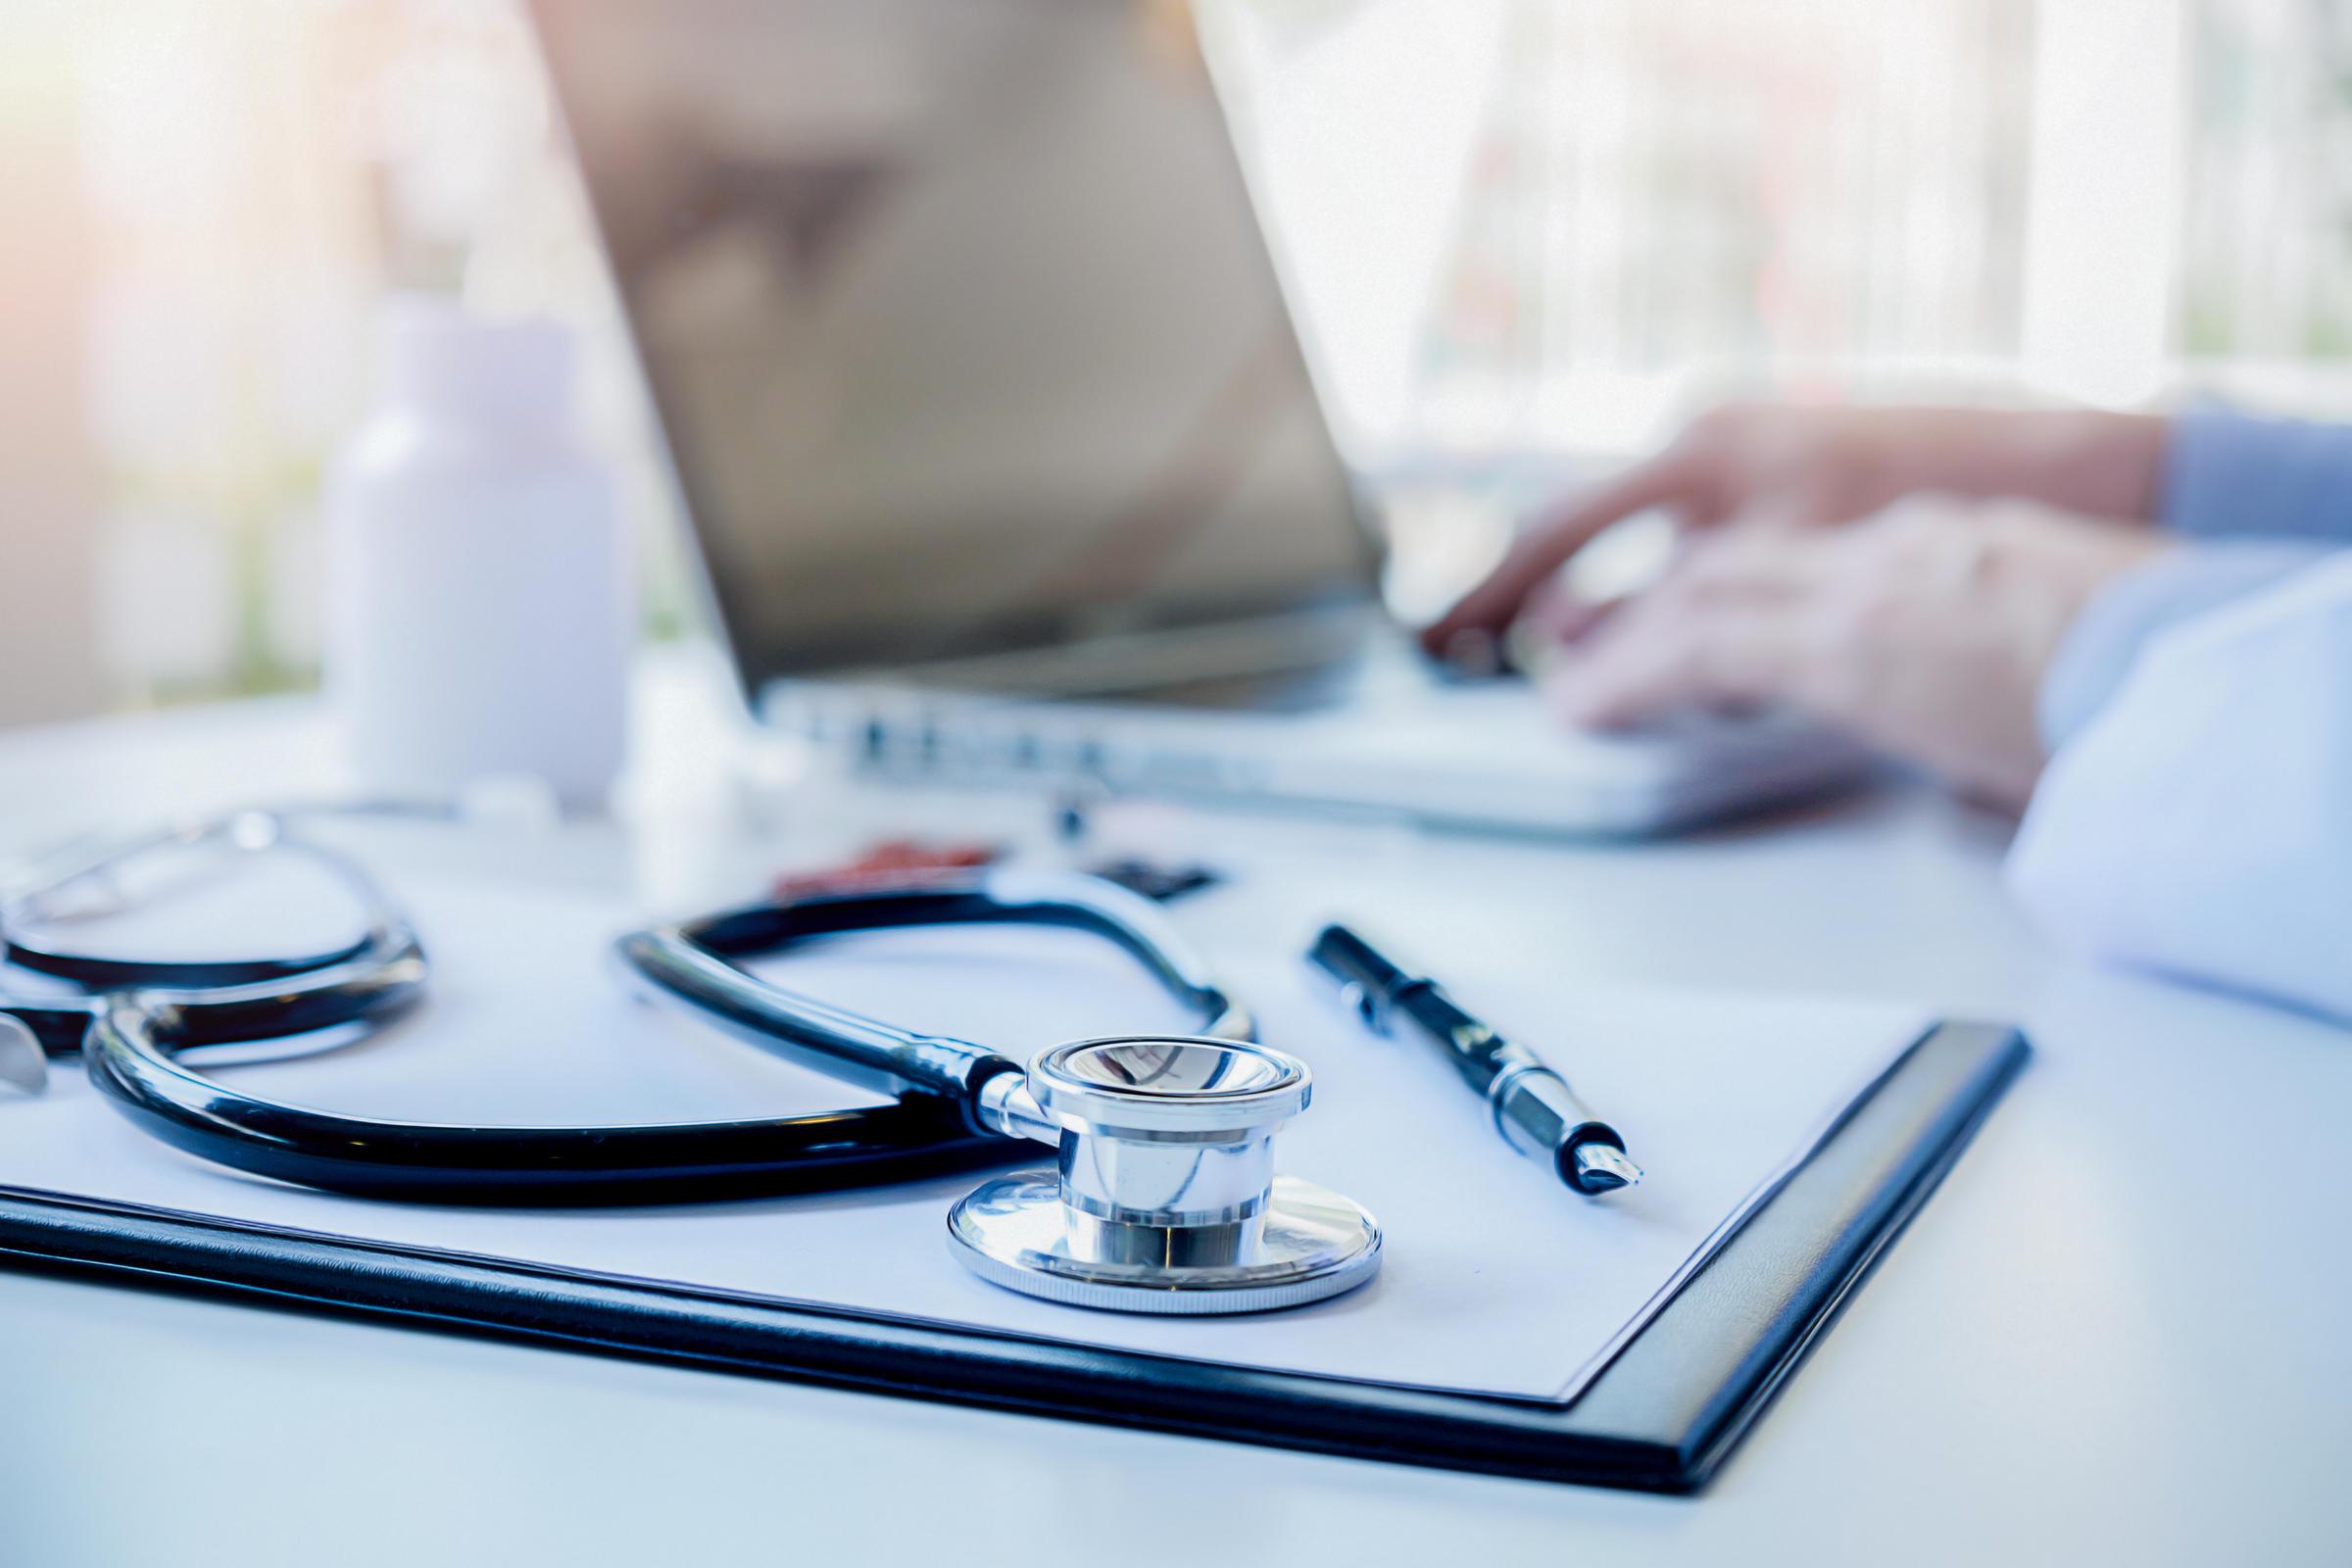 Medical auto transcribing